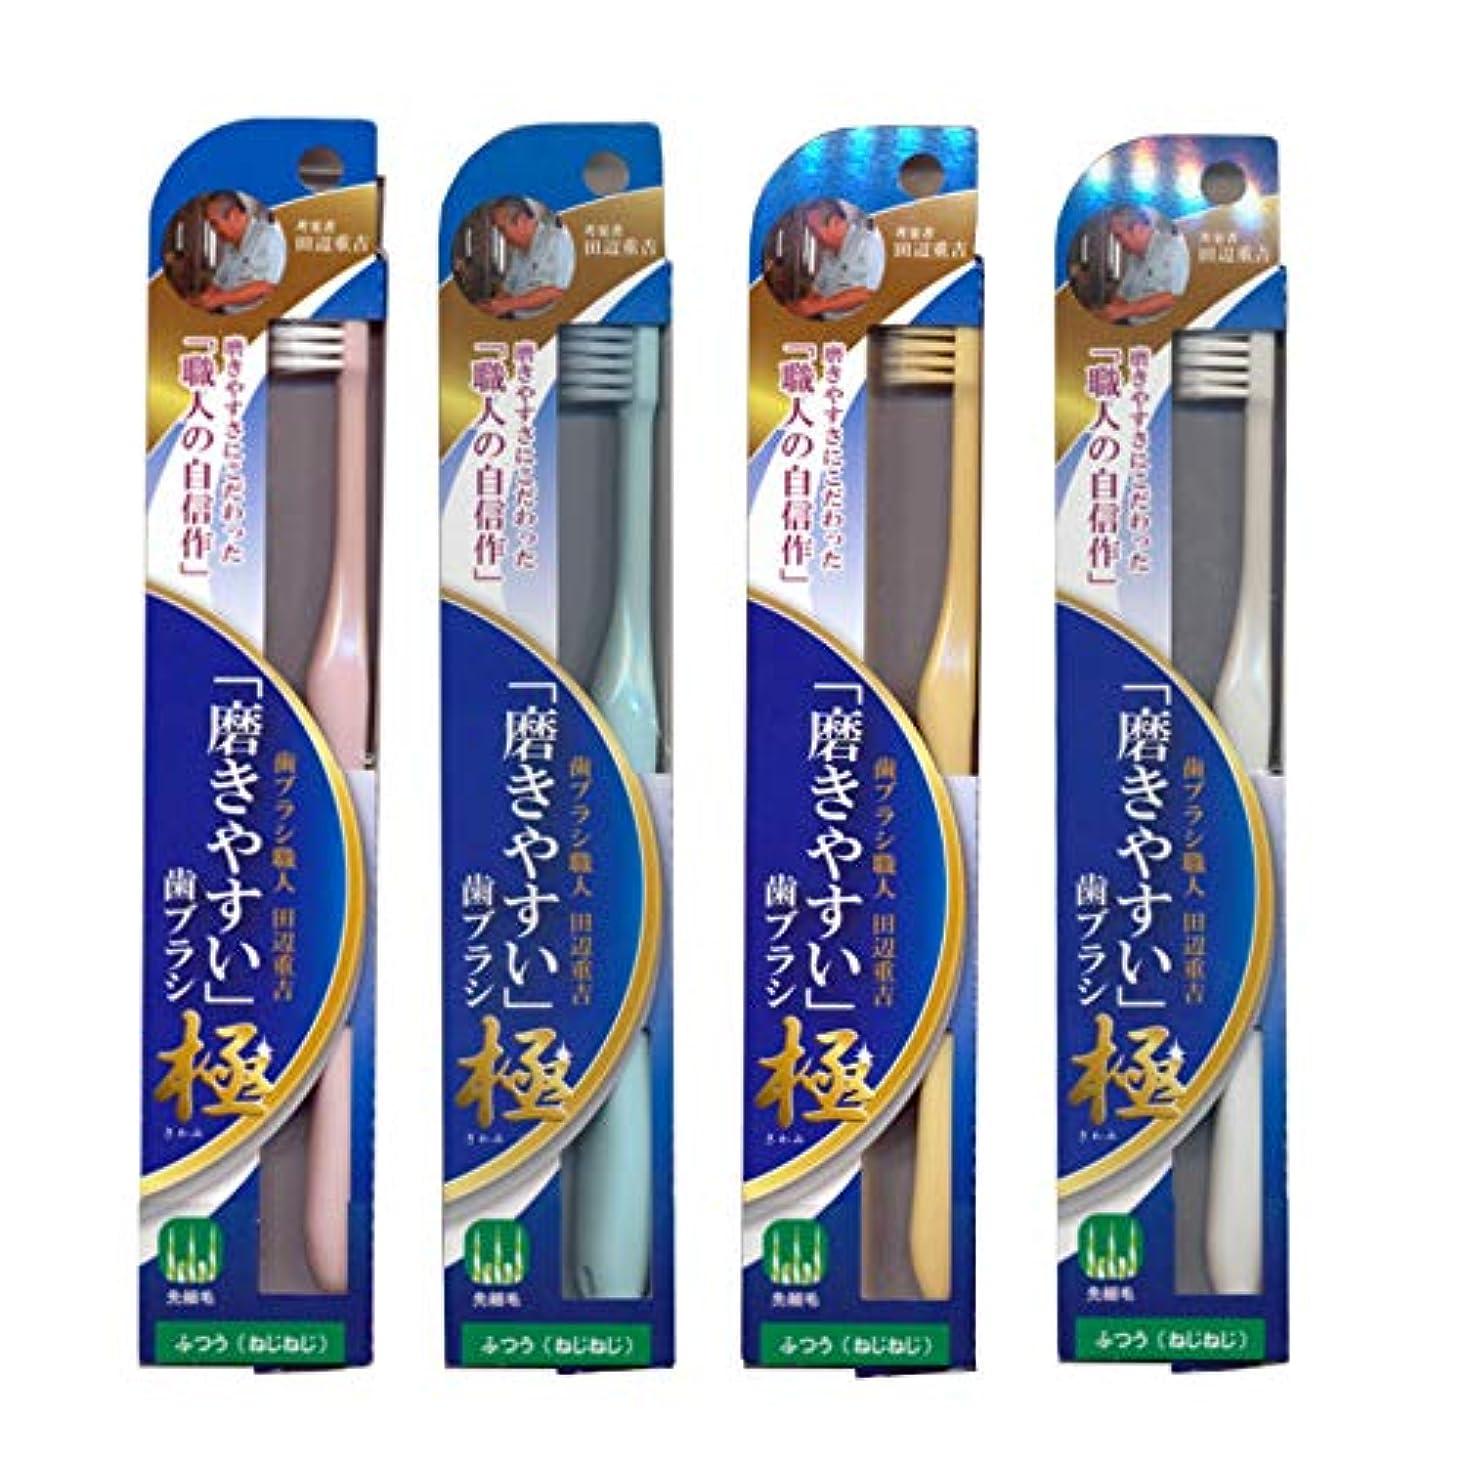 平和おいしい楽な磨きやすい歯ブラシ極 (ふつう ねじねじ) LT-45×12本セット(ピンク×3、ブルー×3、ホワイト×3、イエロー×3) 先細毛